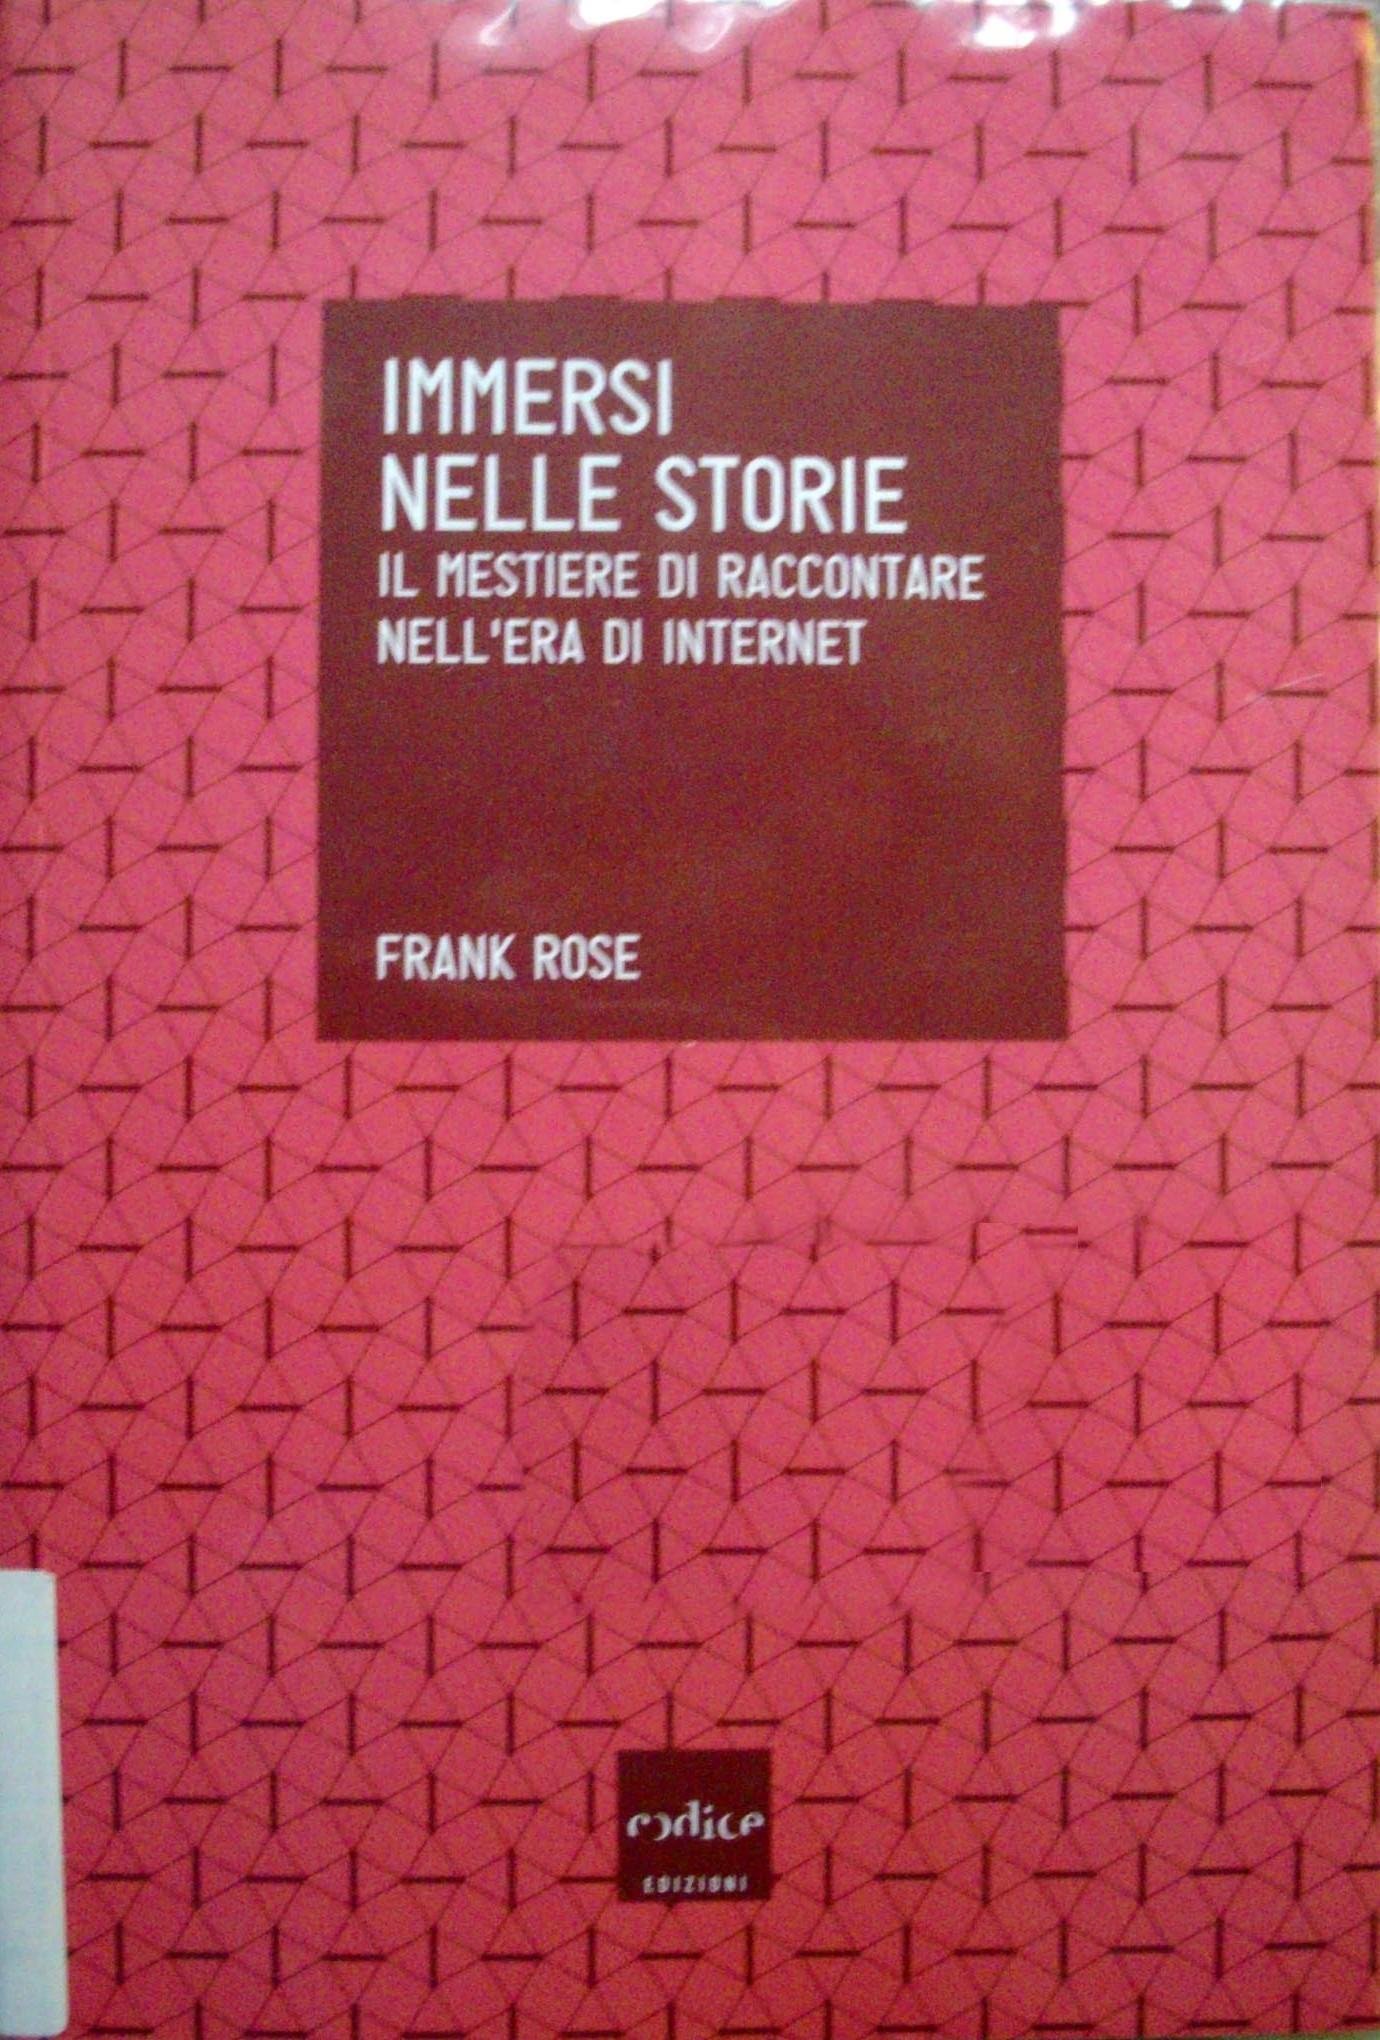 Immersi nelle storie